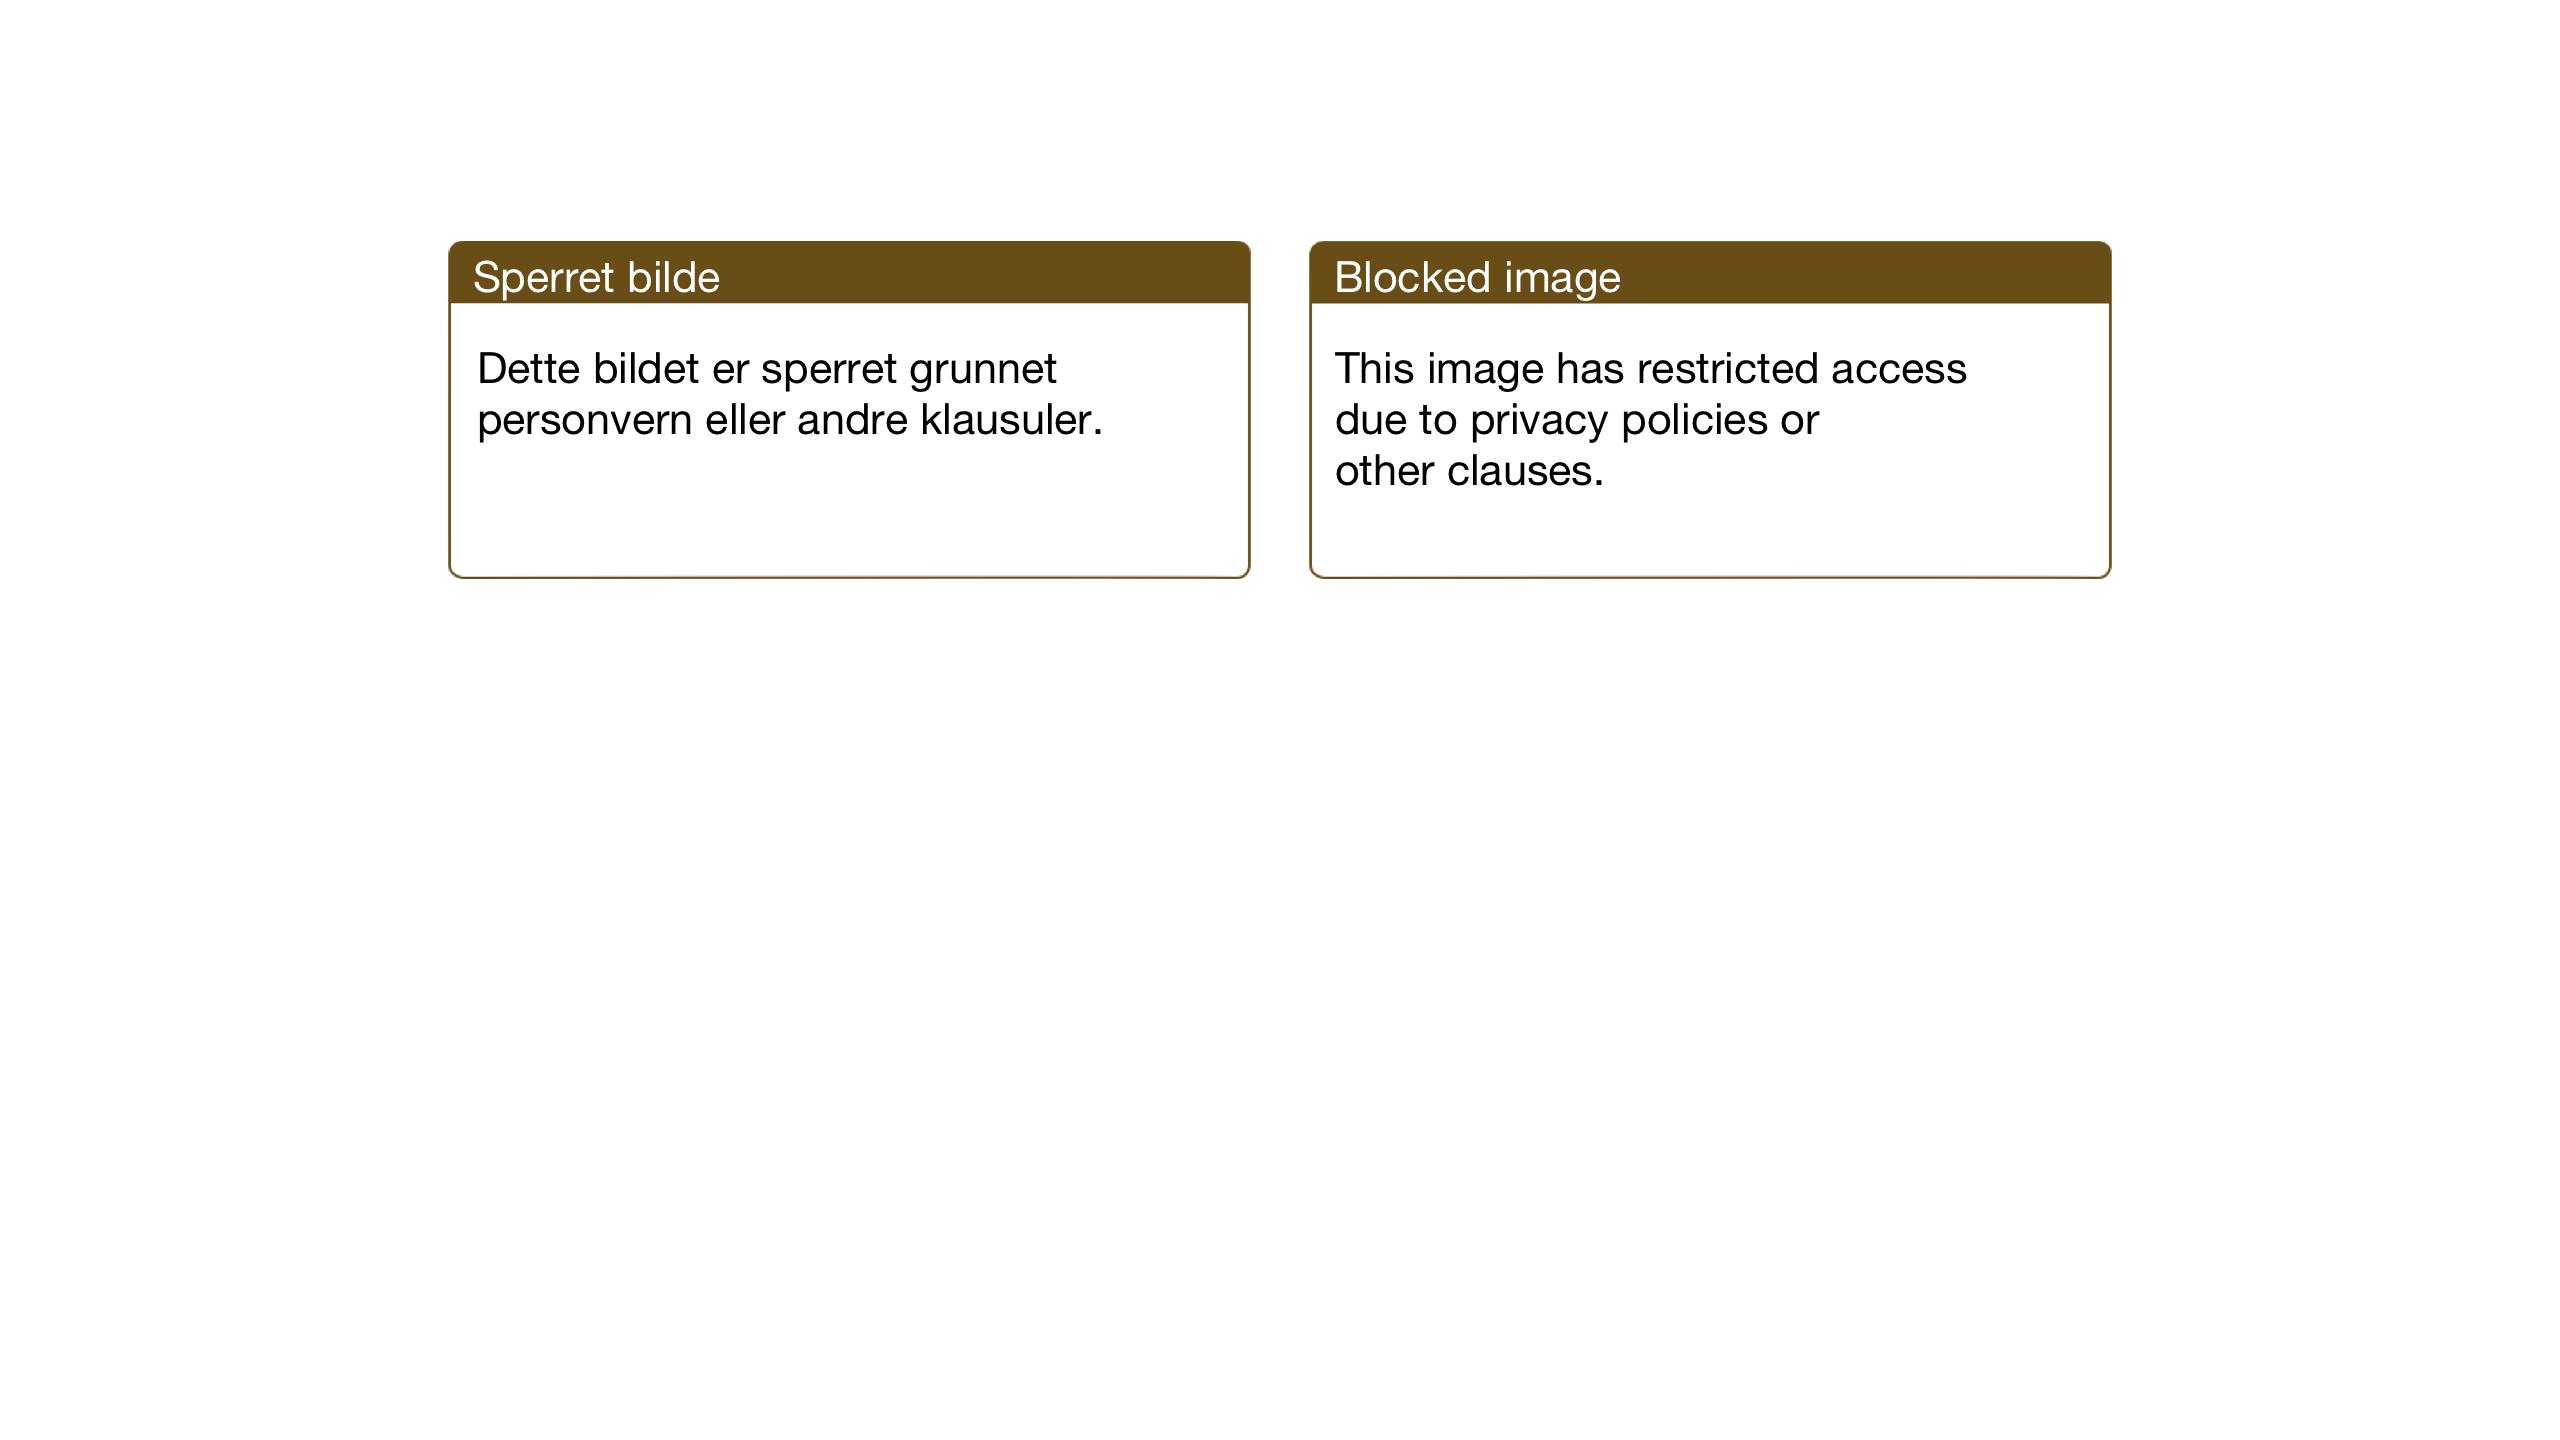 SAT, Ministerialprotokoller, klokkerbøker og fødselsregistre - Nord-Trøndelag, 744/L0425: Klokkerbok nr. 744C04, 1924-1947, s. 19